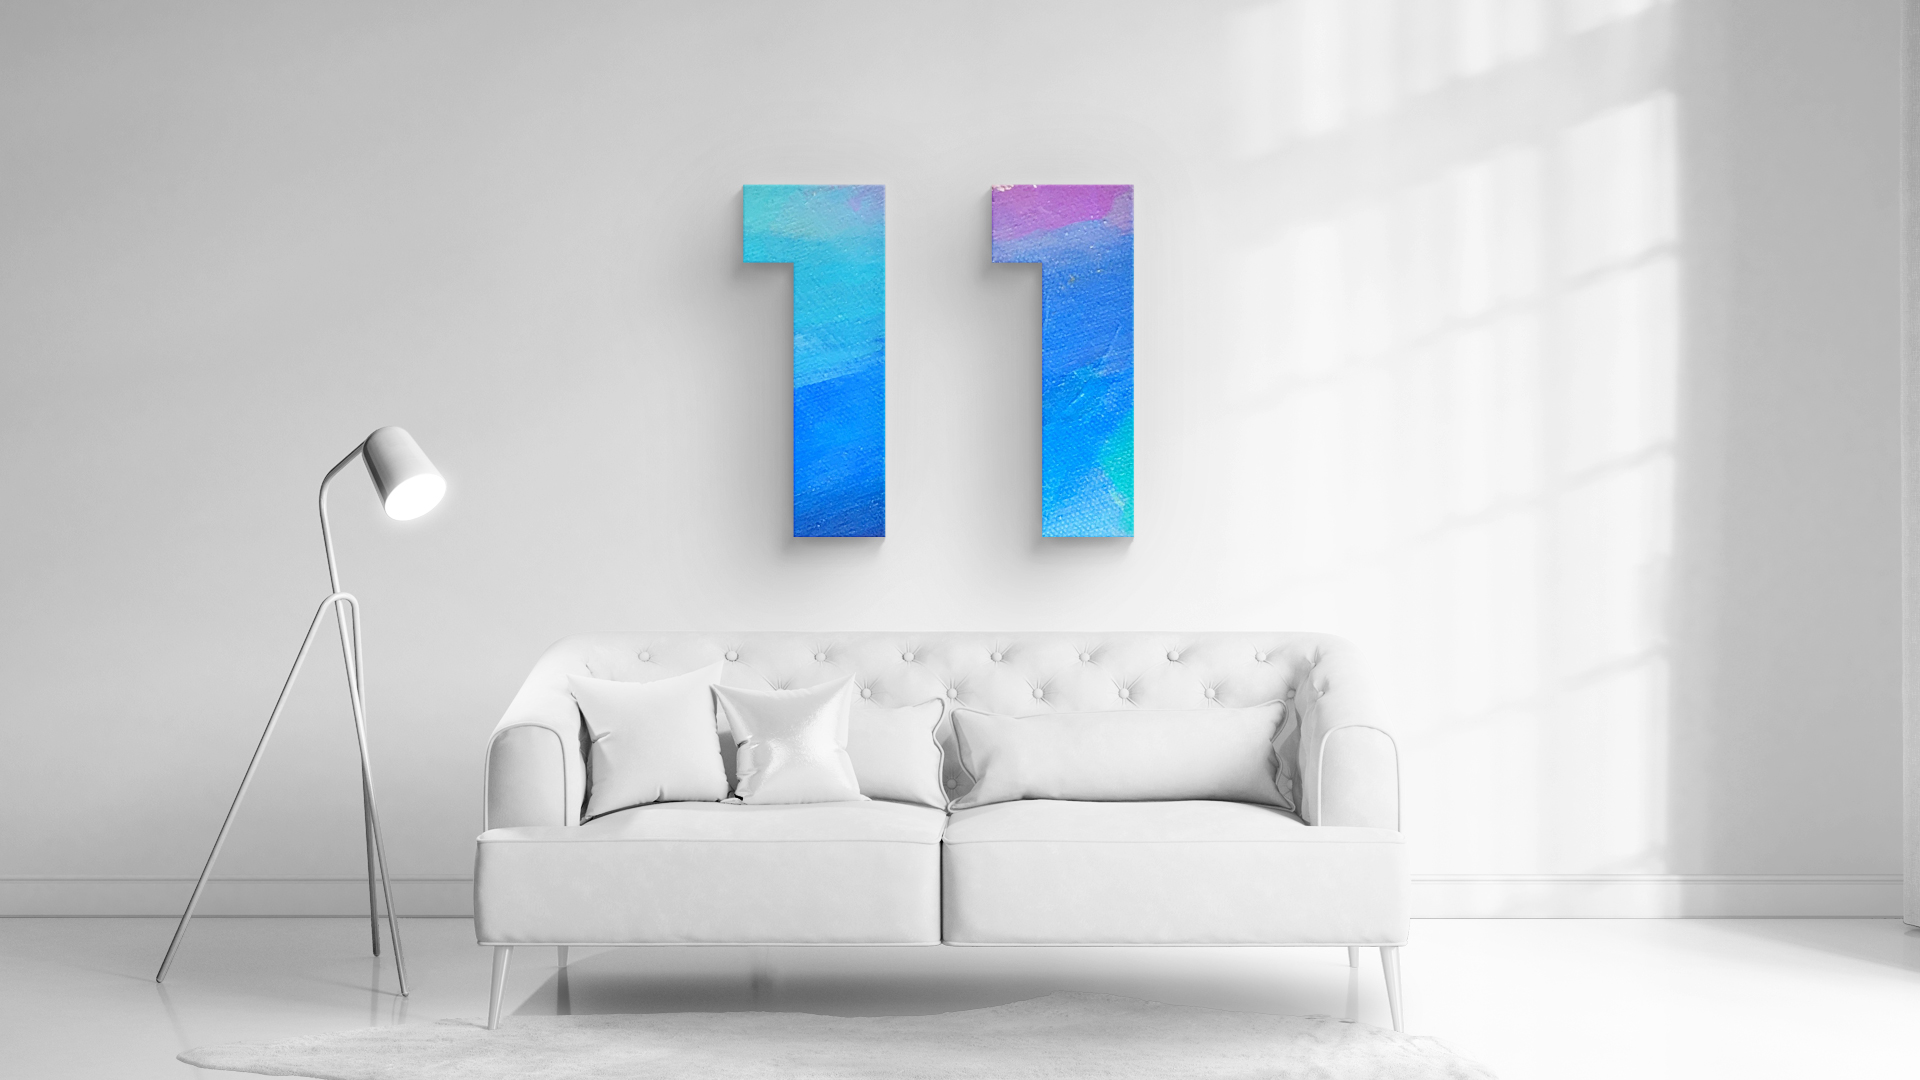 11 Diy Wall Art Decor Ideas Blurb Blog